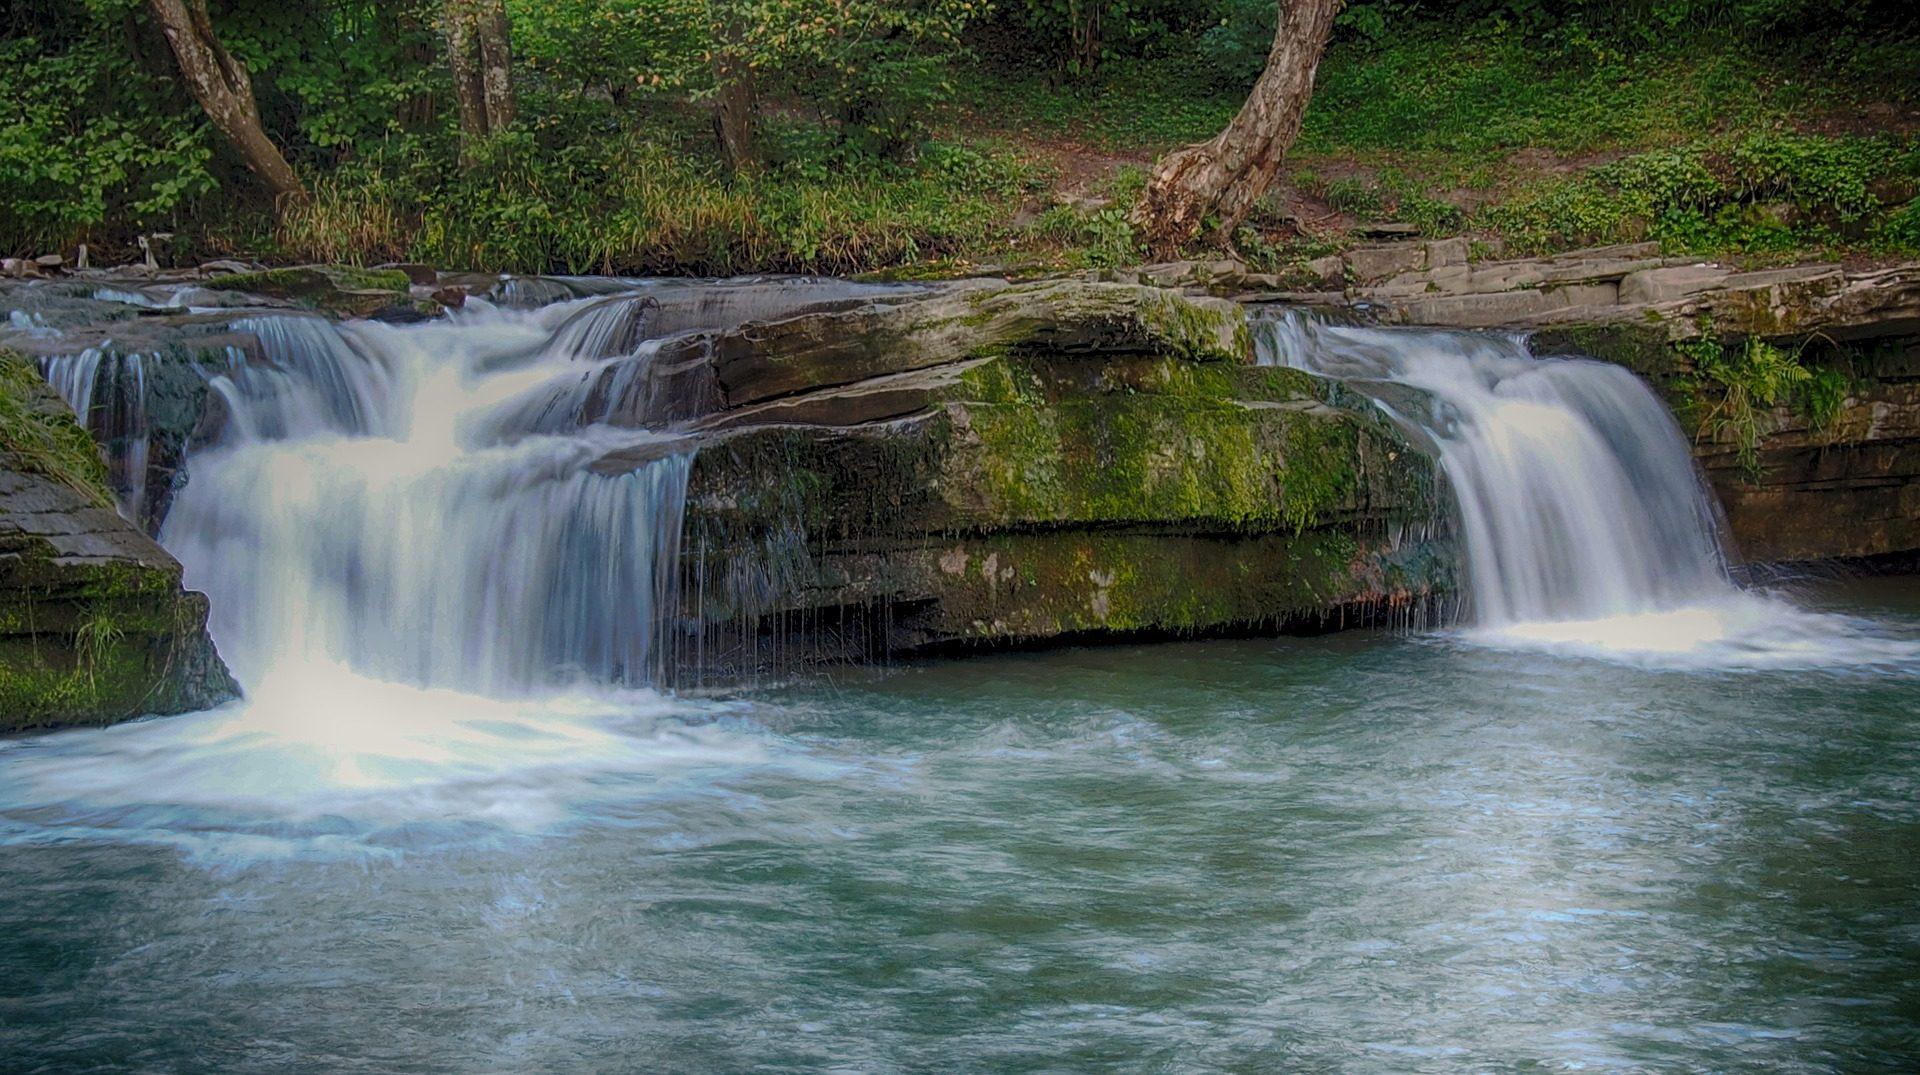 Καταρράκτης, Καταρράκτες, νερό, Ποταμός, δάσος - Wallpapers HD - Professor-falken.com